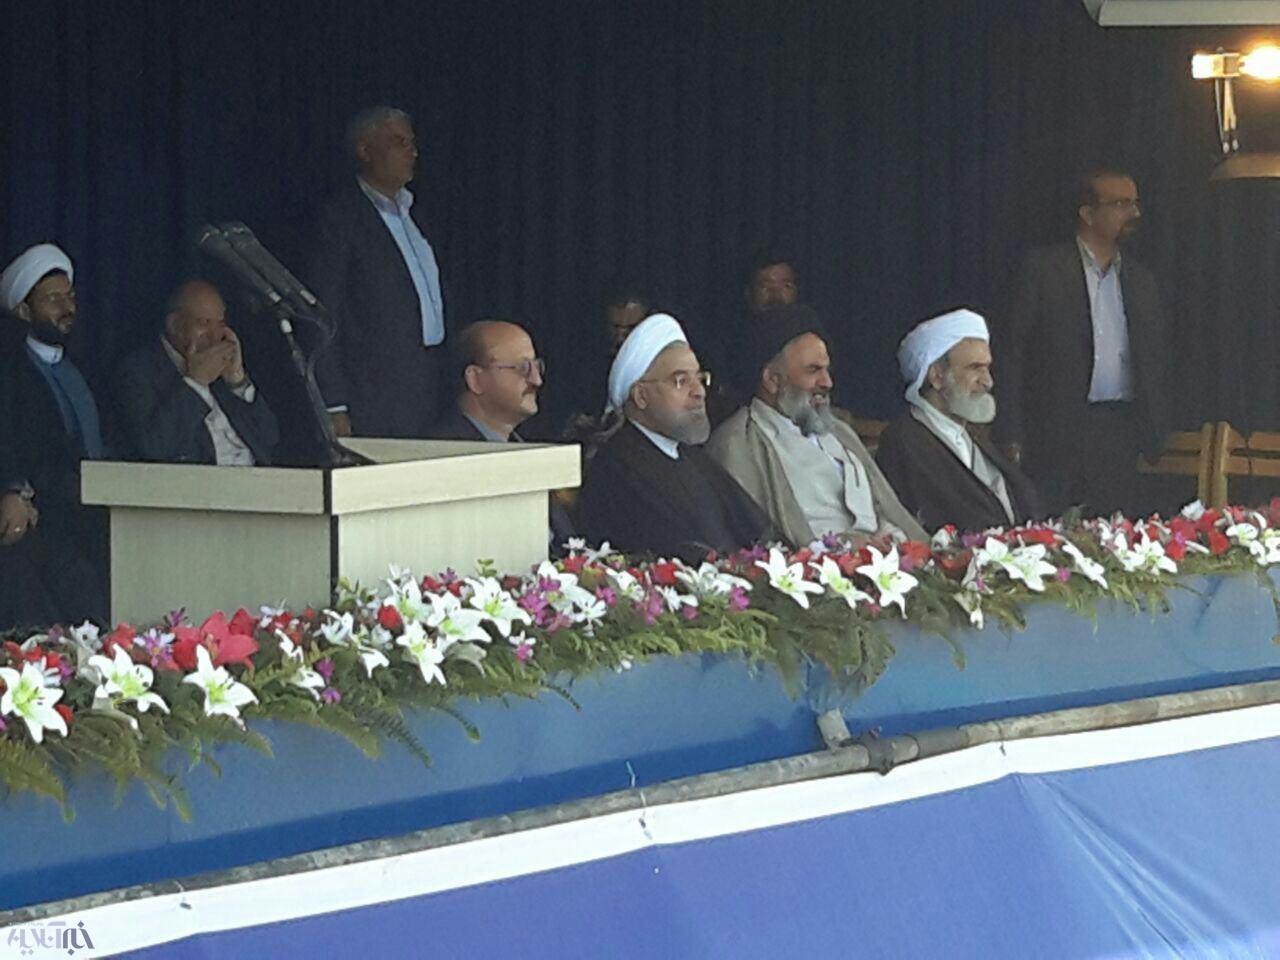 آنچه روحانی از کردستان گفت و مردم استان را به وجد آورد/ رئیس جمهور به زبان کردی گفت: بژی کردستان